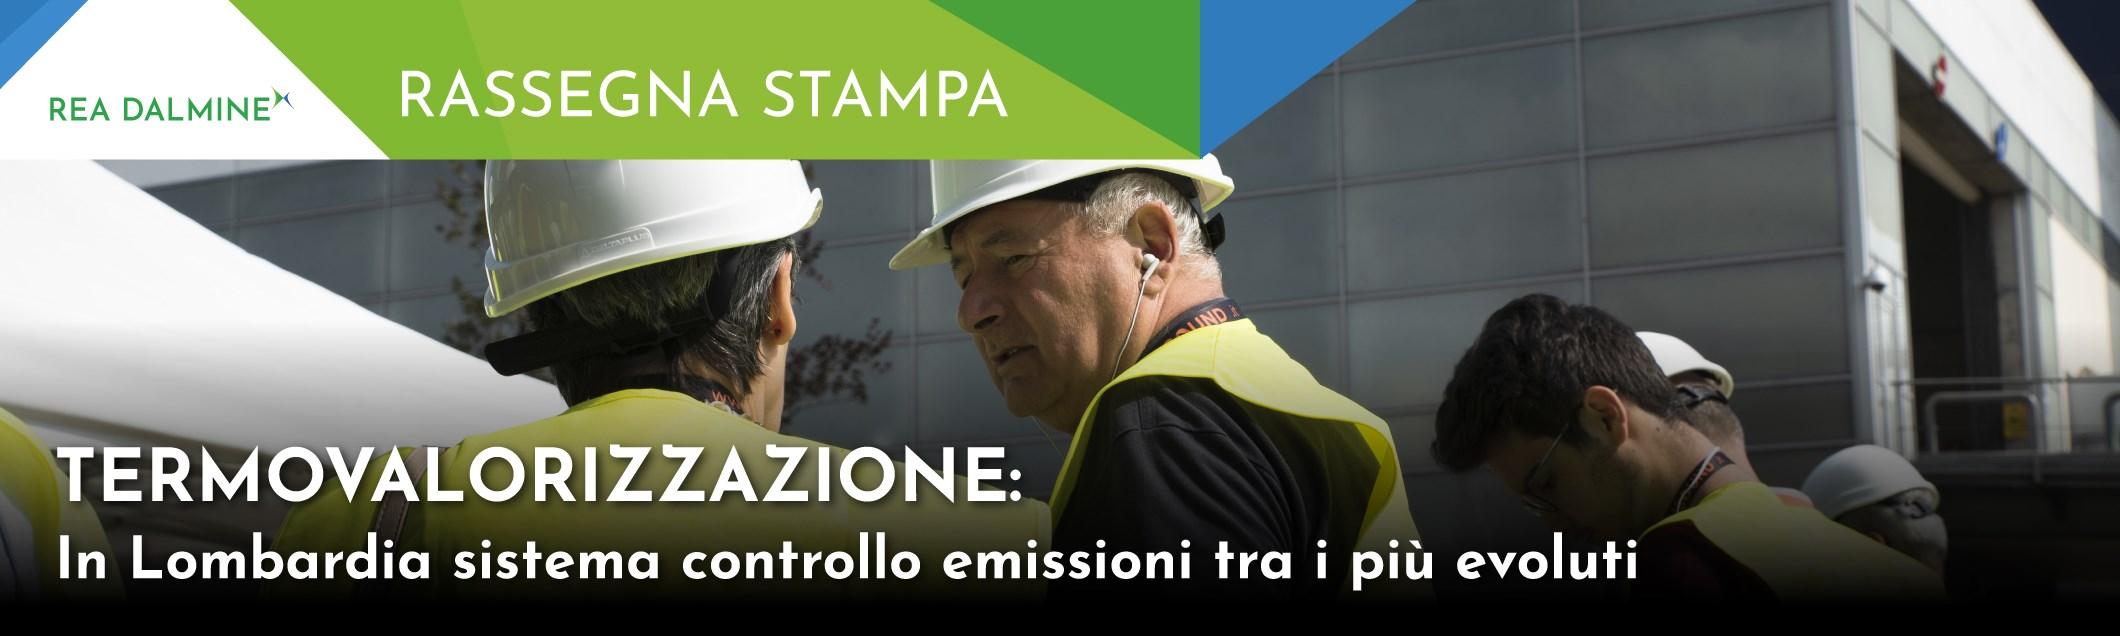 Termovalorizzazione: in Lombardia sistema controllo emissioni tra i più evoluti